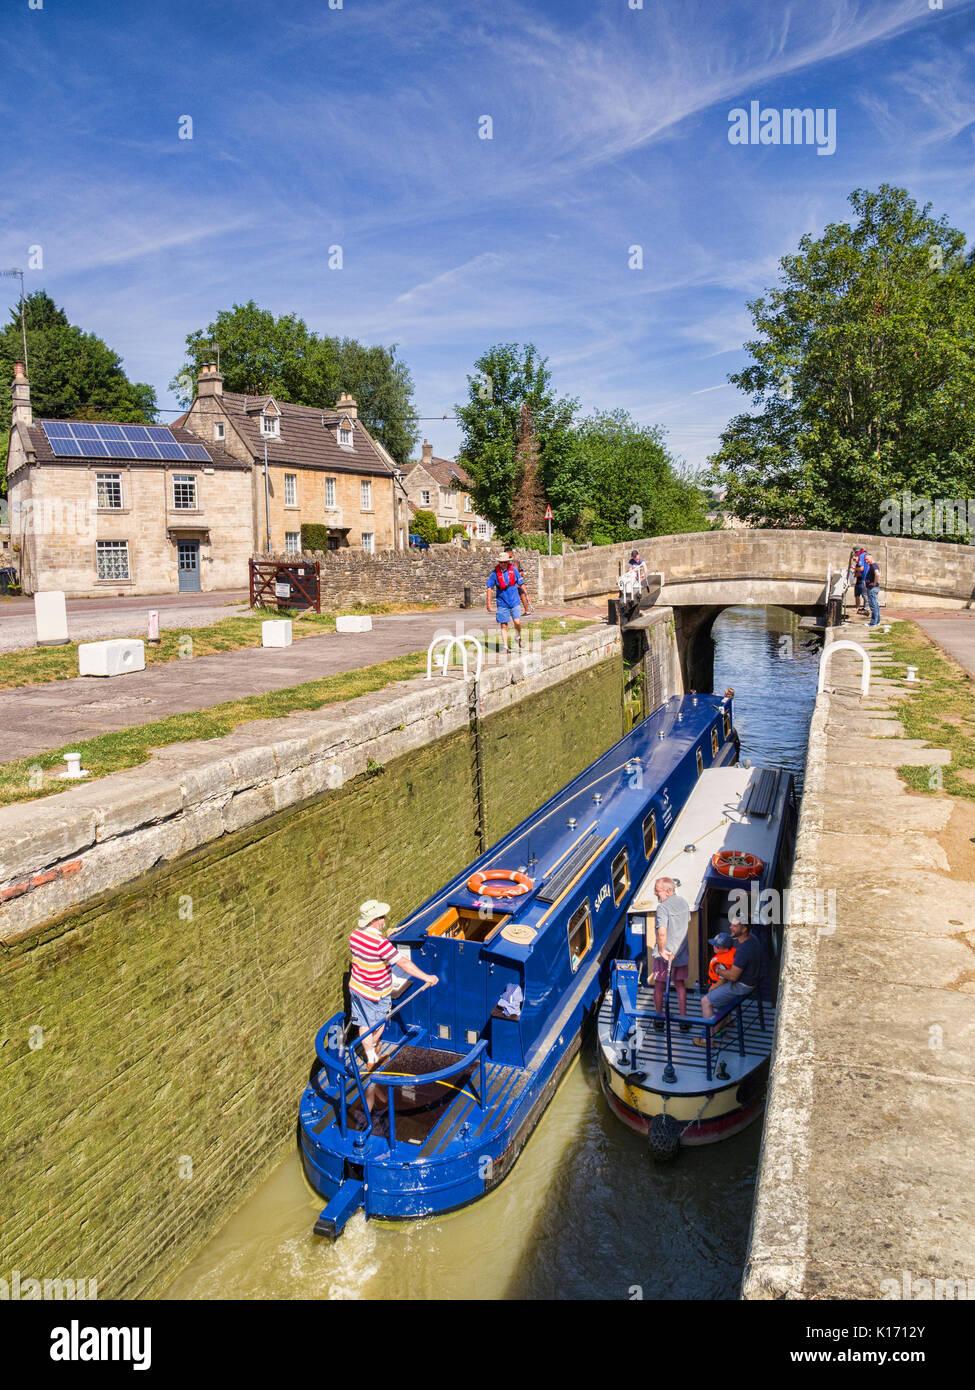 7 Juli 2017: Bradford on Avon, Somerset, England, UK-Zwei narrowboats, die durch eine Sperre des Kennet und Avon Kanal. Stockbild